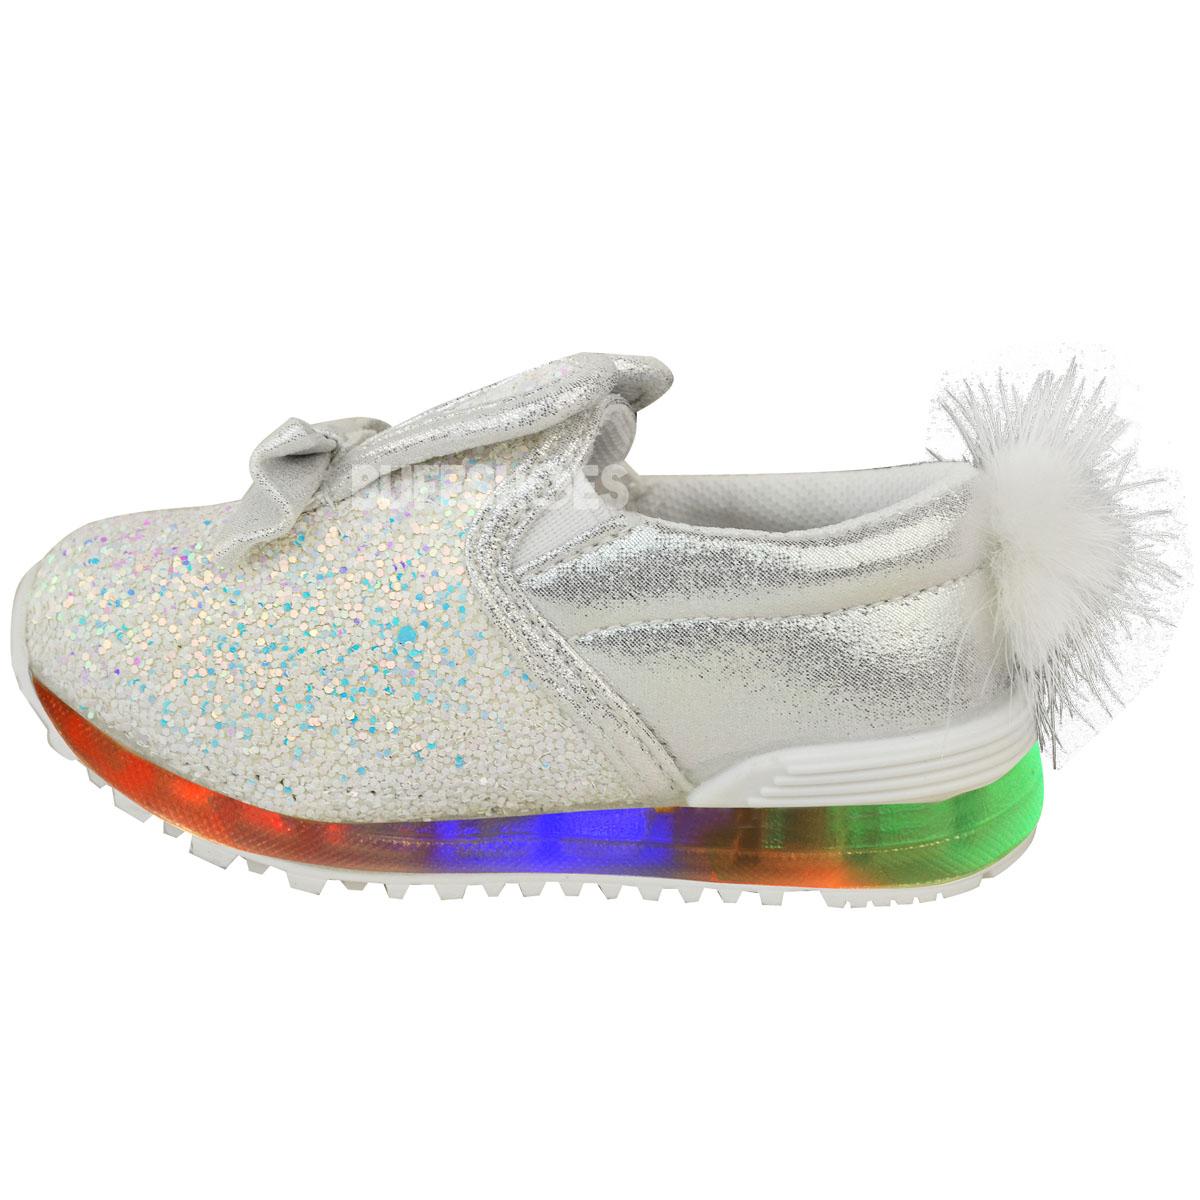 Nuevas Zapatillas Niñas Niños Bebes LED Intermitente Luz Bunny Zapatos Tenis Tamaño